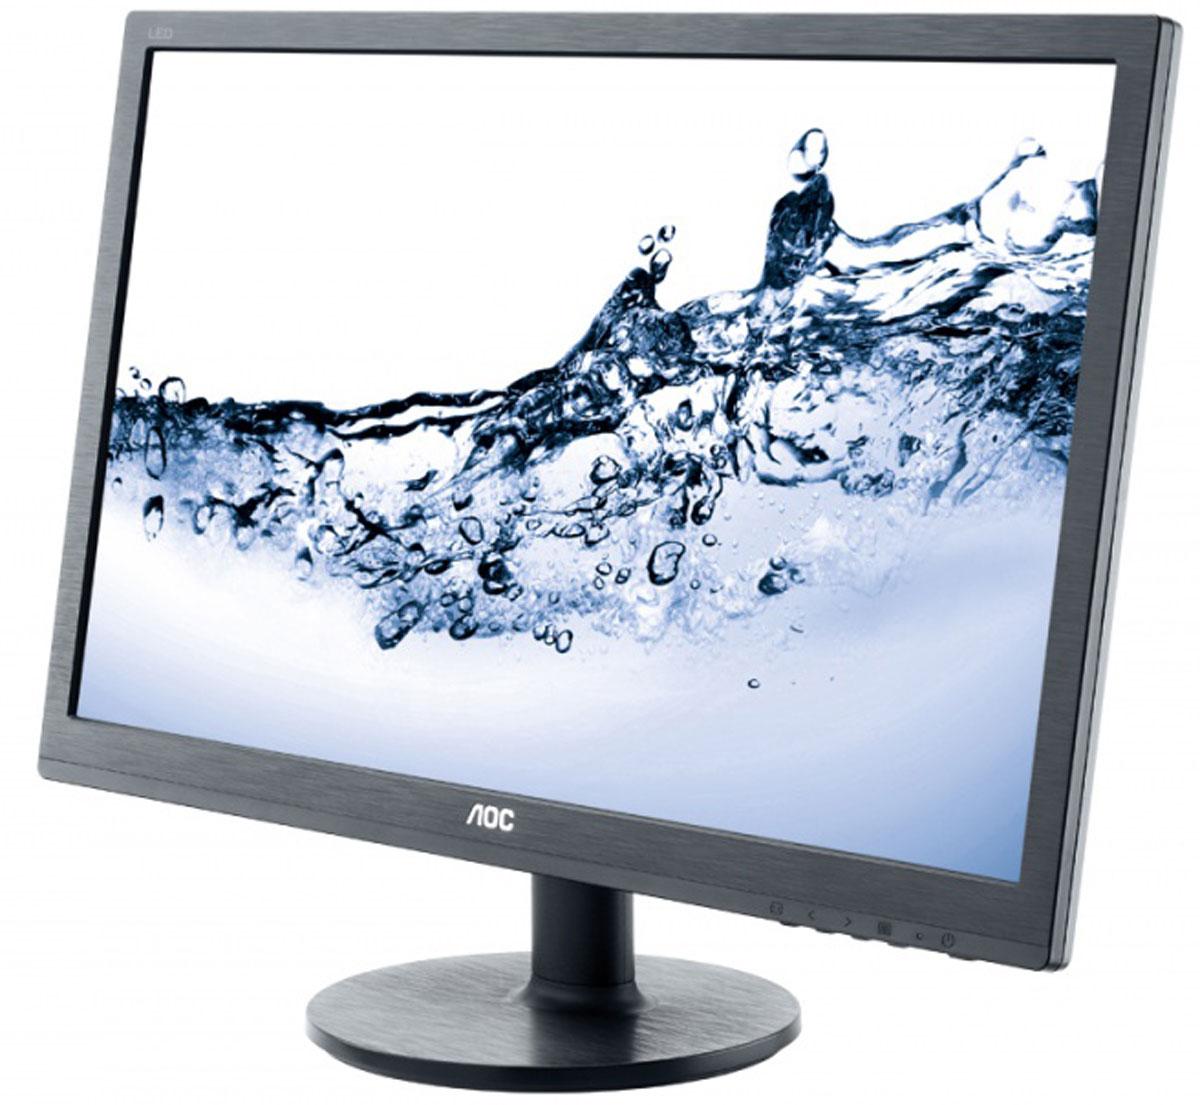 AOC e2460Sh/01, Black мониторe2460Sh/01Монитор AOC E2460SH с диагональю 24 дюйма разработан с учетом высокой производительности. Сверхмалое время отклика 1 мс для смены оттенков – это идеальный выбор для истинных любителей игр,а также для тех, кто работает с графикой, анимацией и видеоредакторами.Благодаря разрешению Full HD от вас не ускользнут даже мельчайшие детали, а впечатляющая динамическая контрастность обеспечивает передачу четкого изображения с насыщенными оттенками черного. Встроенные динамики мощностью 2 Вт передают кристально чистый звук при просмотре фильмов, прослушивании музыки или во время видеозвонков.Подставка позволяет легко наклонить экран в удобное положение, а крепление VESA служит для монтажа на стену. Разъемы VGA, DVI и HDMI позволяют легко подключить несколько компьютеров и периферийных устройств. Благодаря интеллектуальным функция экономии энергии, таким как подсветка W-LED, этот монитор получил сертификат EPEAT Gold.Энергоэффективная светодиодная подсветка, высокая контрастность и сверхмалое время отклика гарантируют четкость и реалистичность изображения без двоения и размытия. Удобные встроенные динамики обеспечивают насыщенное четкое звучание.